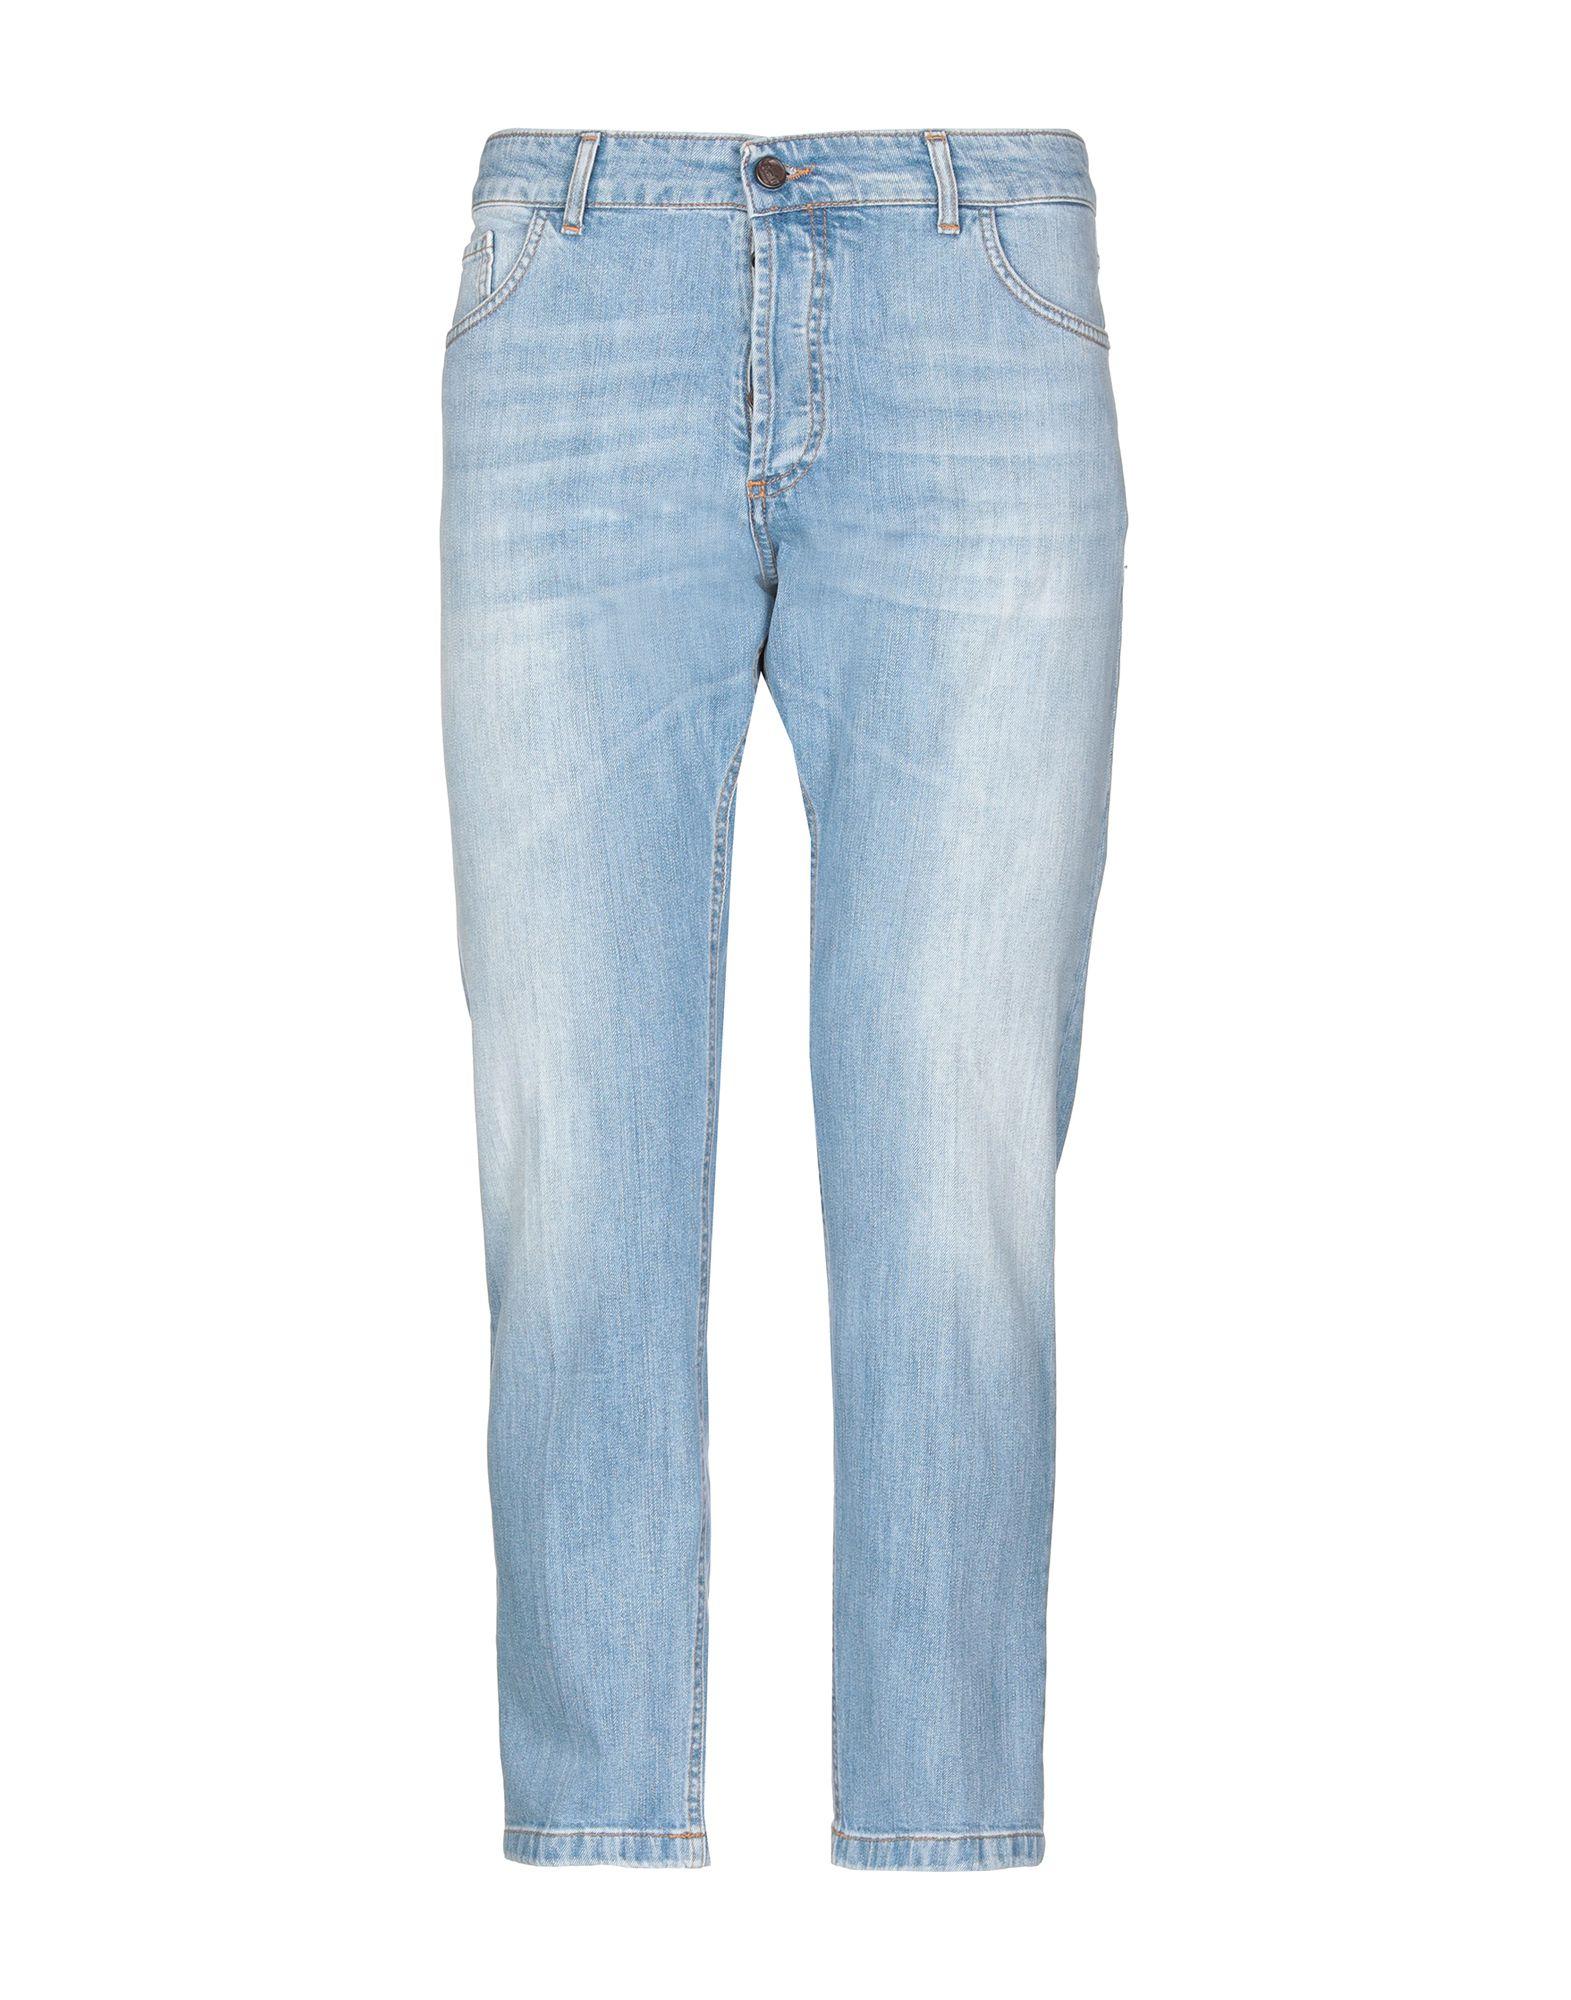 《送料無料》ENTRE AMIS メンズ ジーンズ ブルー 31 コットン 100%